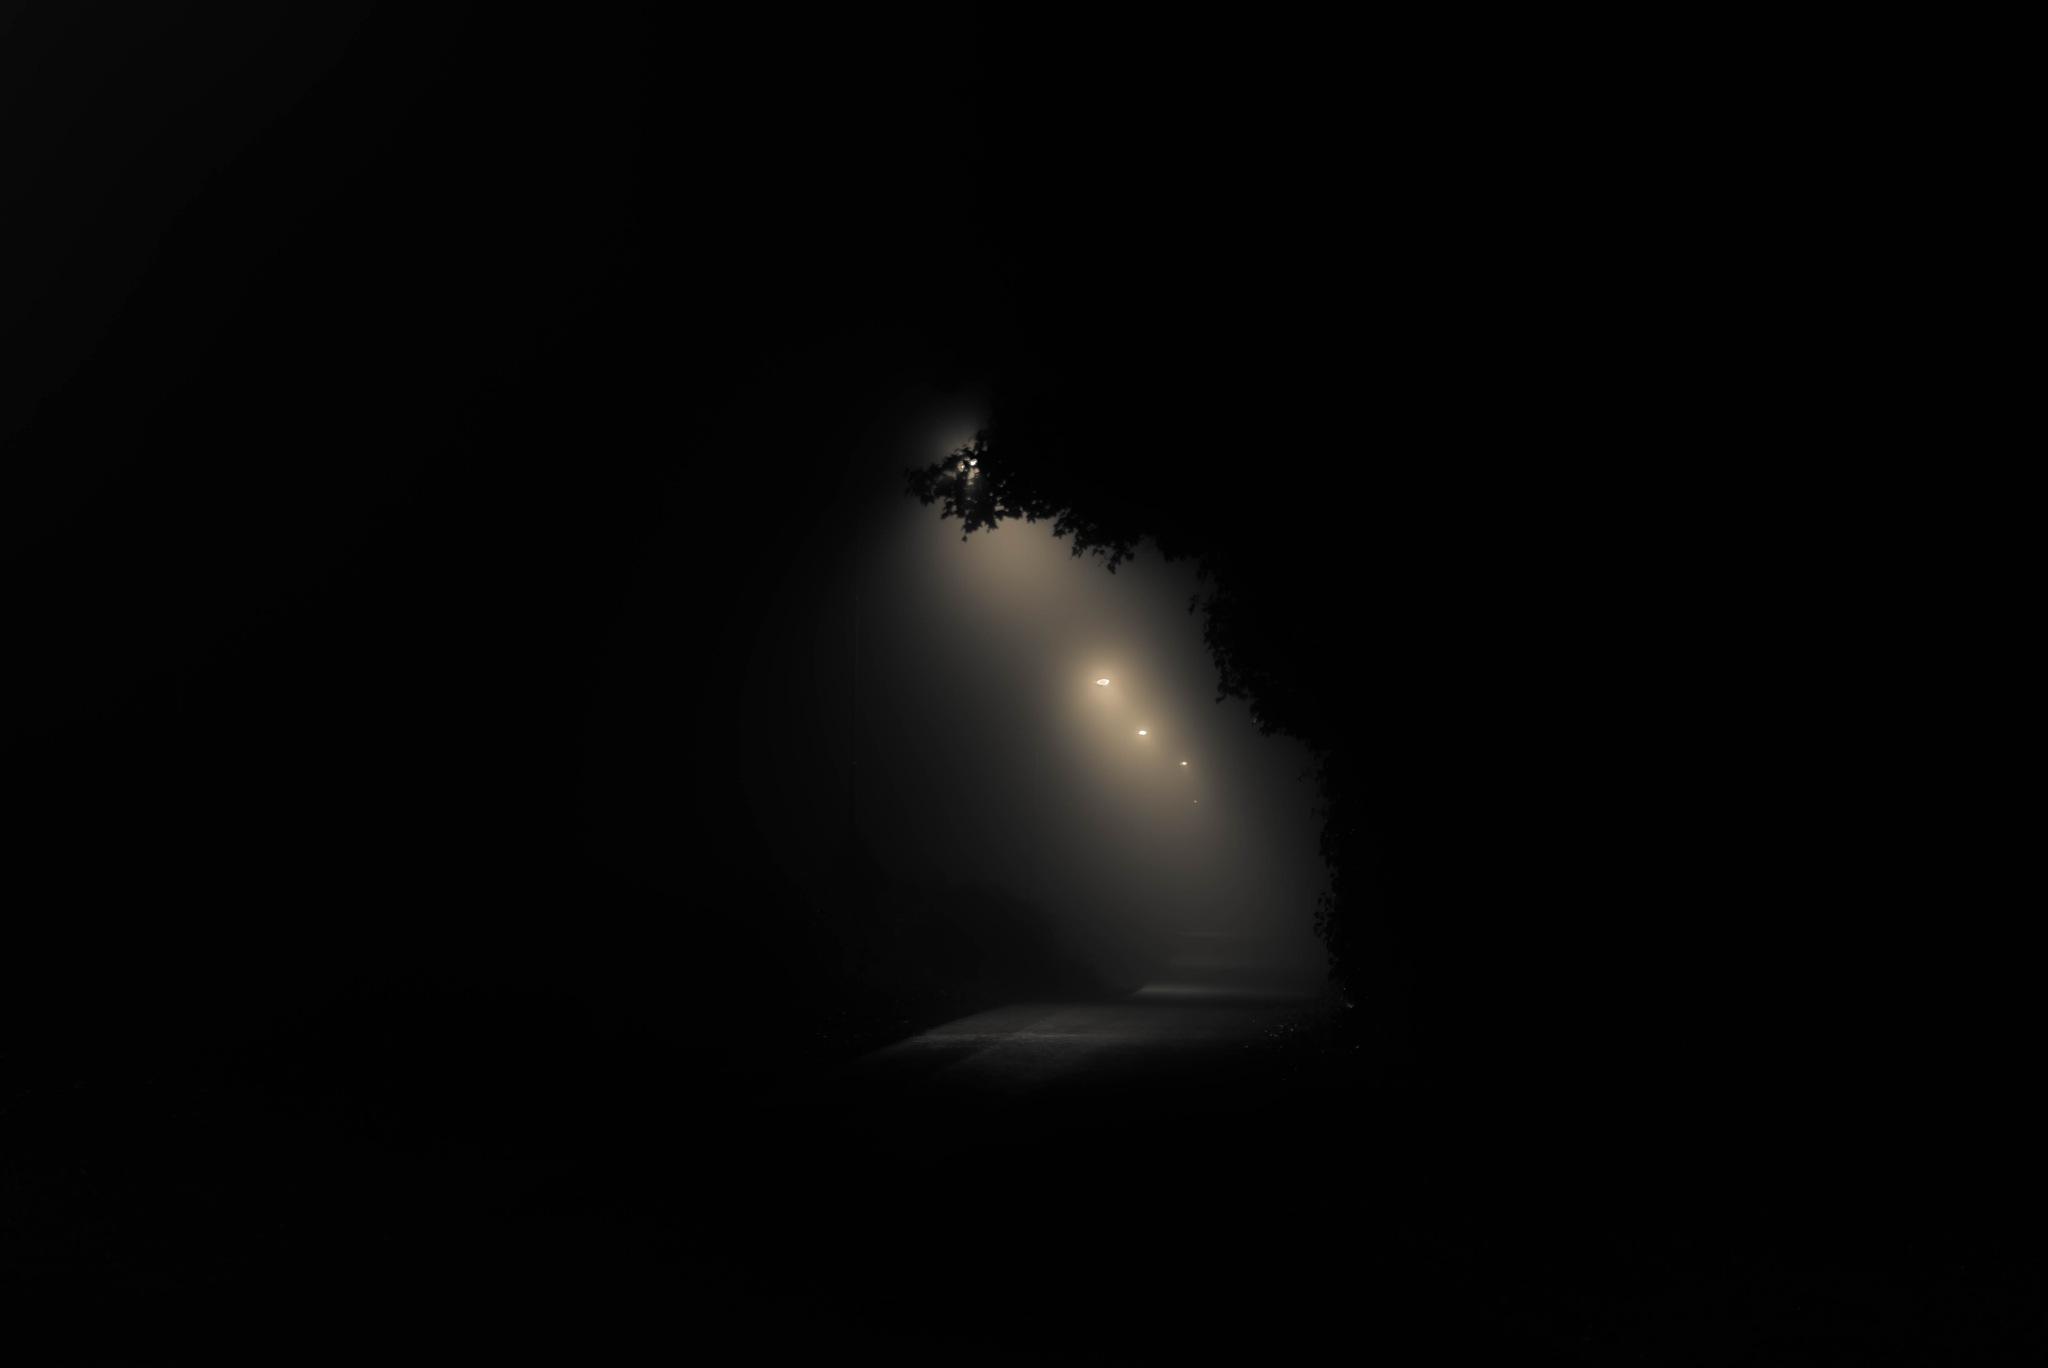 Dark night by kapten.sjoskum